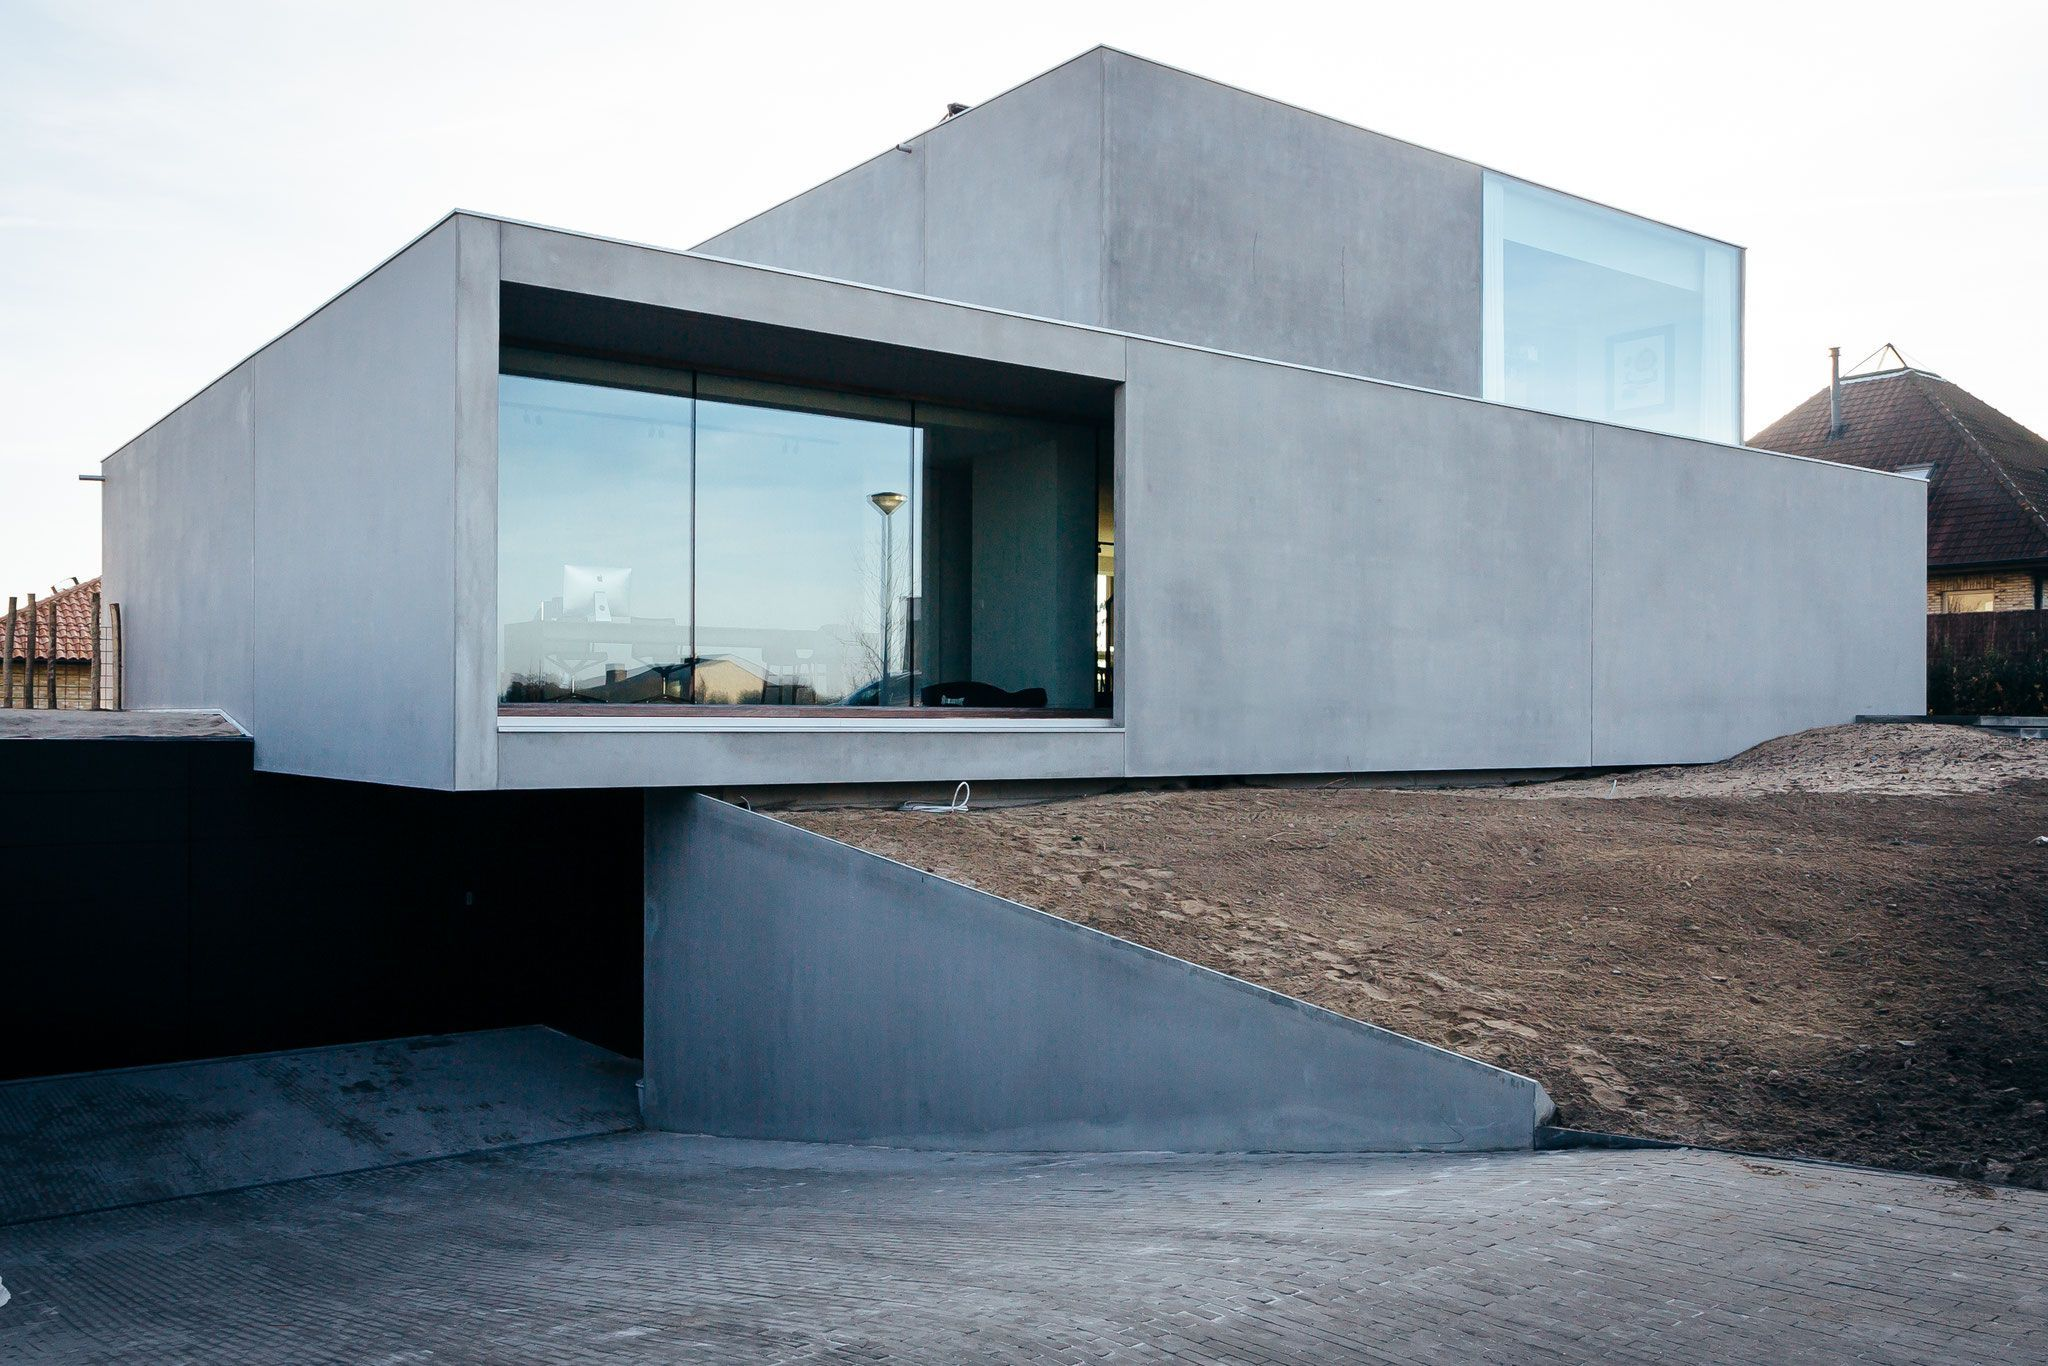 Snel huizen bouw modulair bouwen prefab beton huizen huizen in prefab beton prefab betonhuis modulair huis schoolgebouw crèche het huis van de